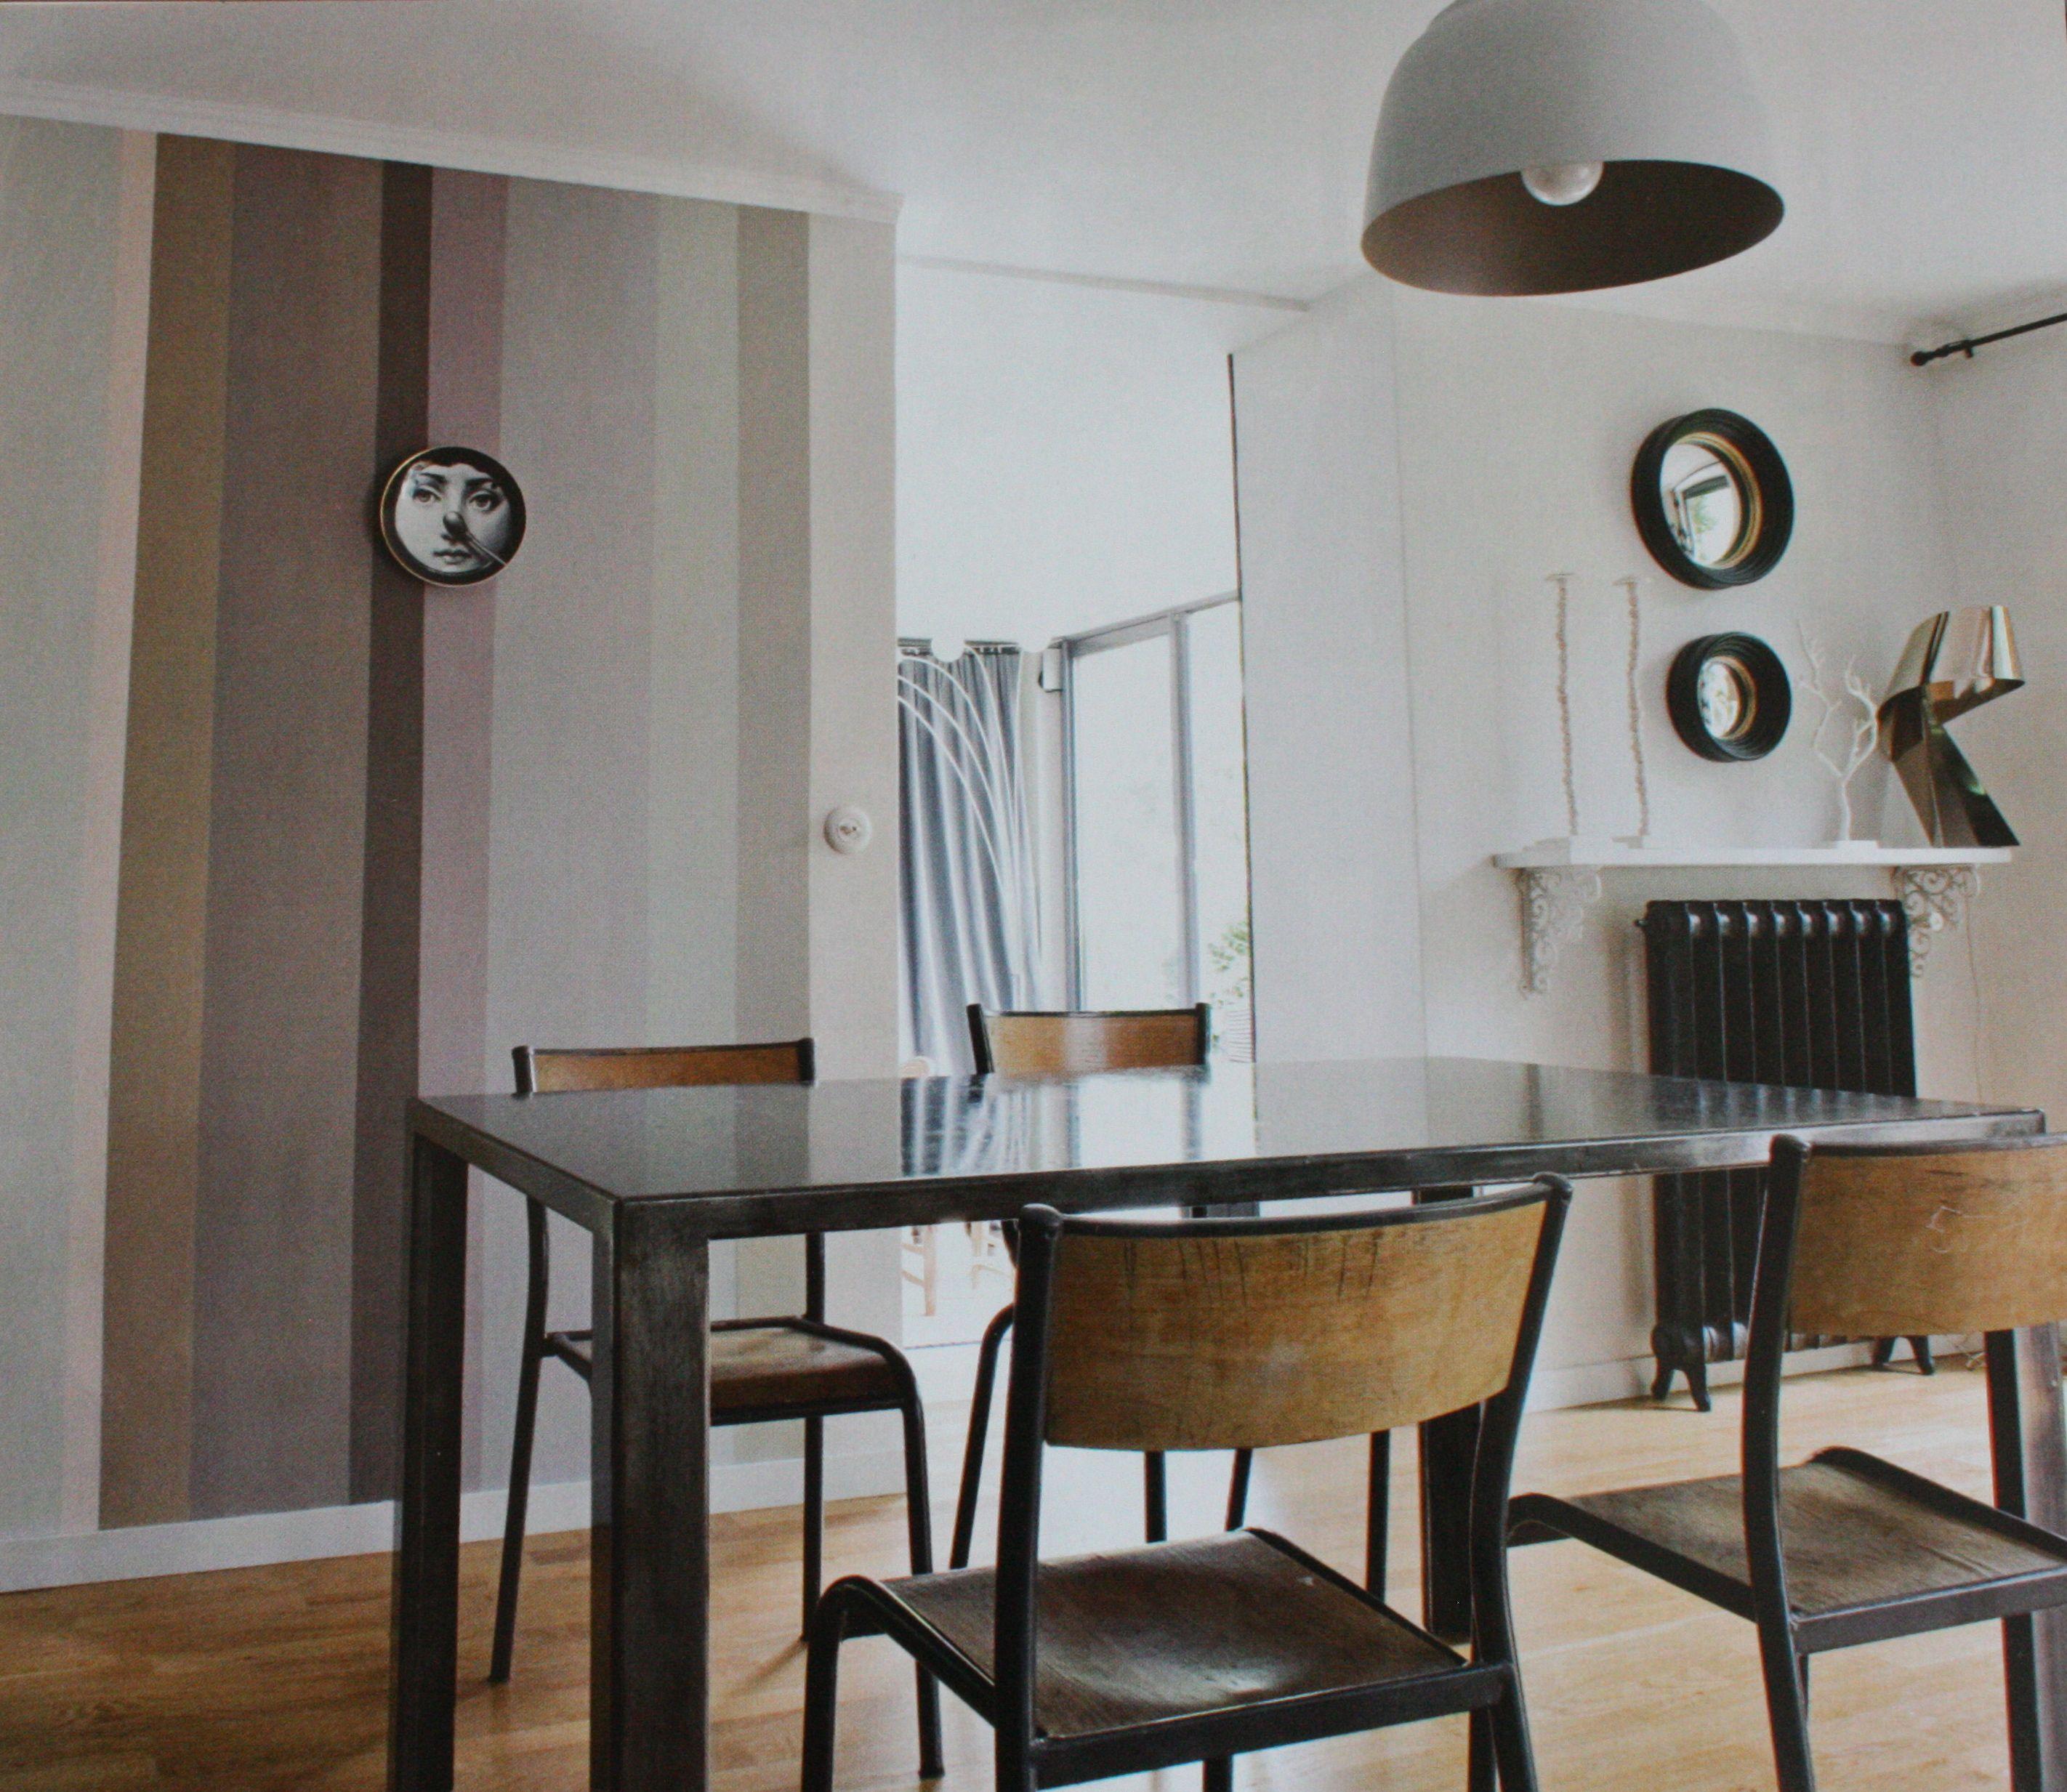 d cor mur bande couleur peinture le blog deco de mlc couleur d co pinterest deco deco. Black Bedroom Furniture Sets. Home Design Ideas